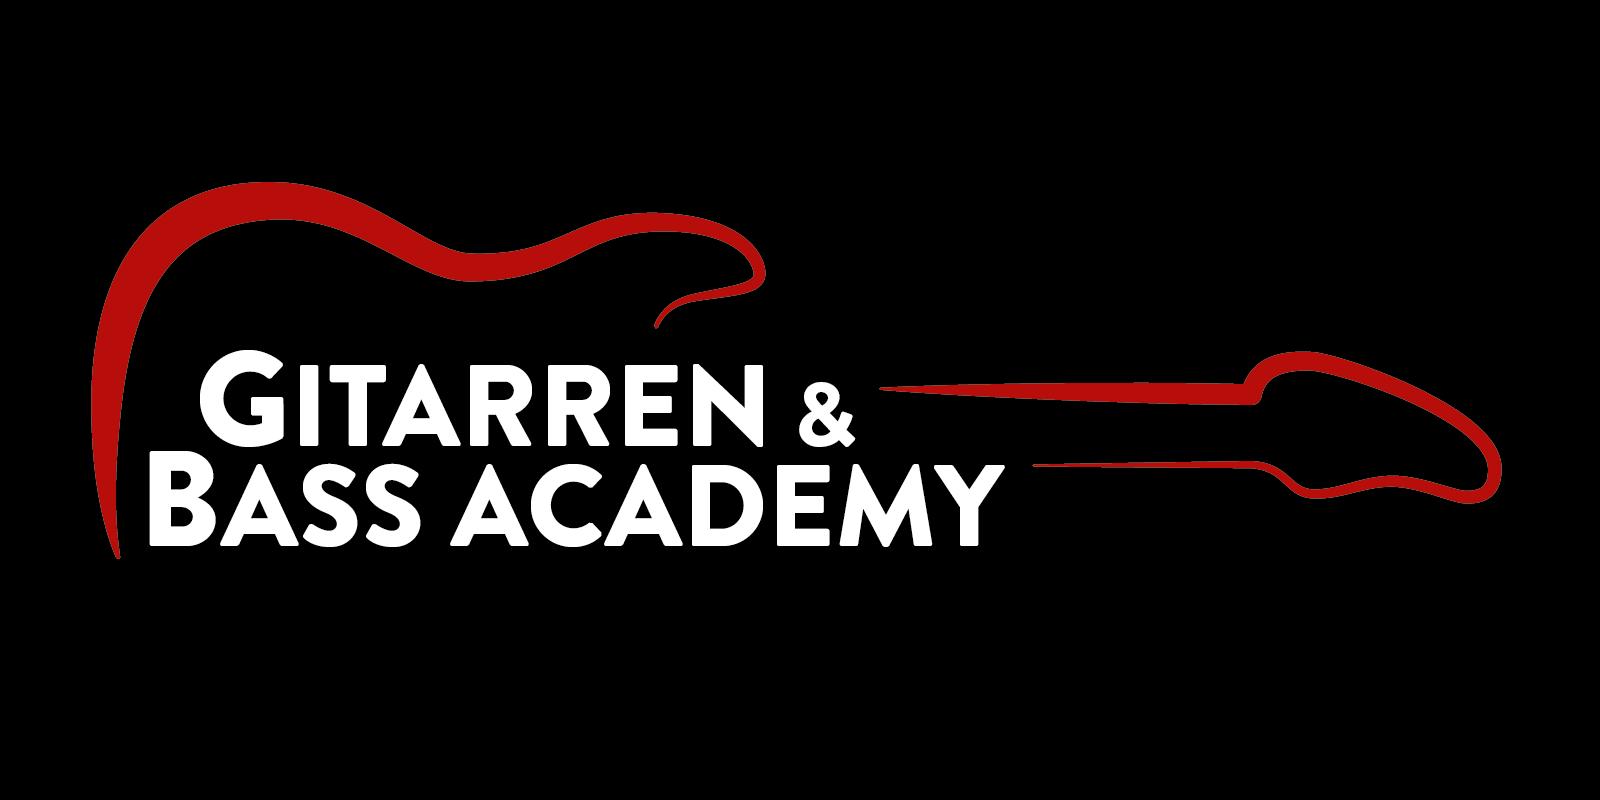 Guitar & Bass Academy